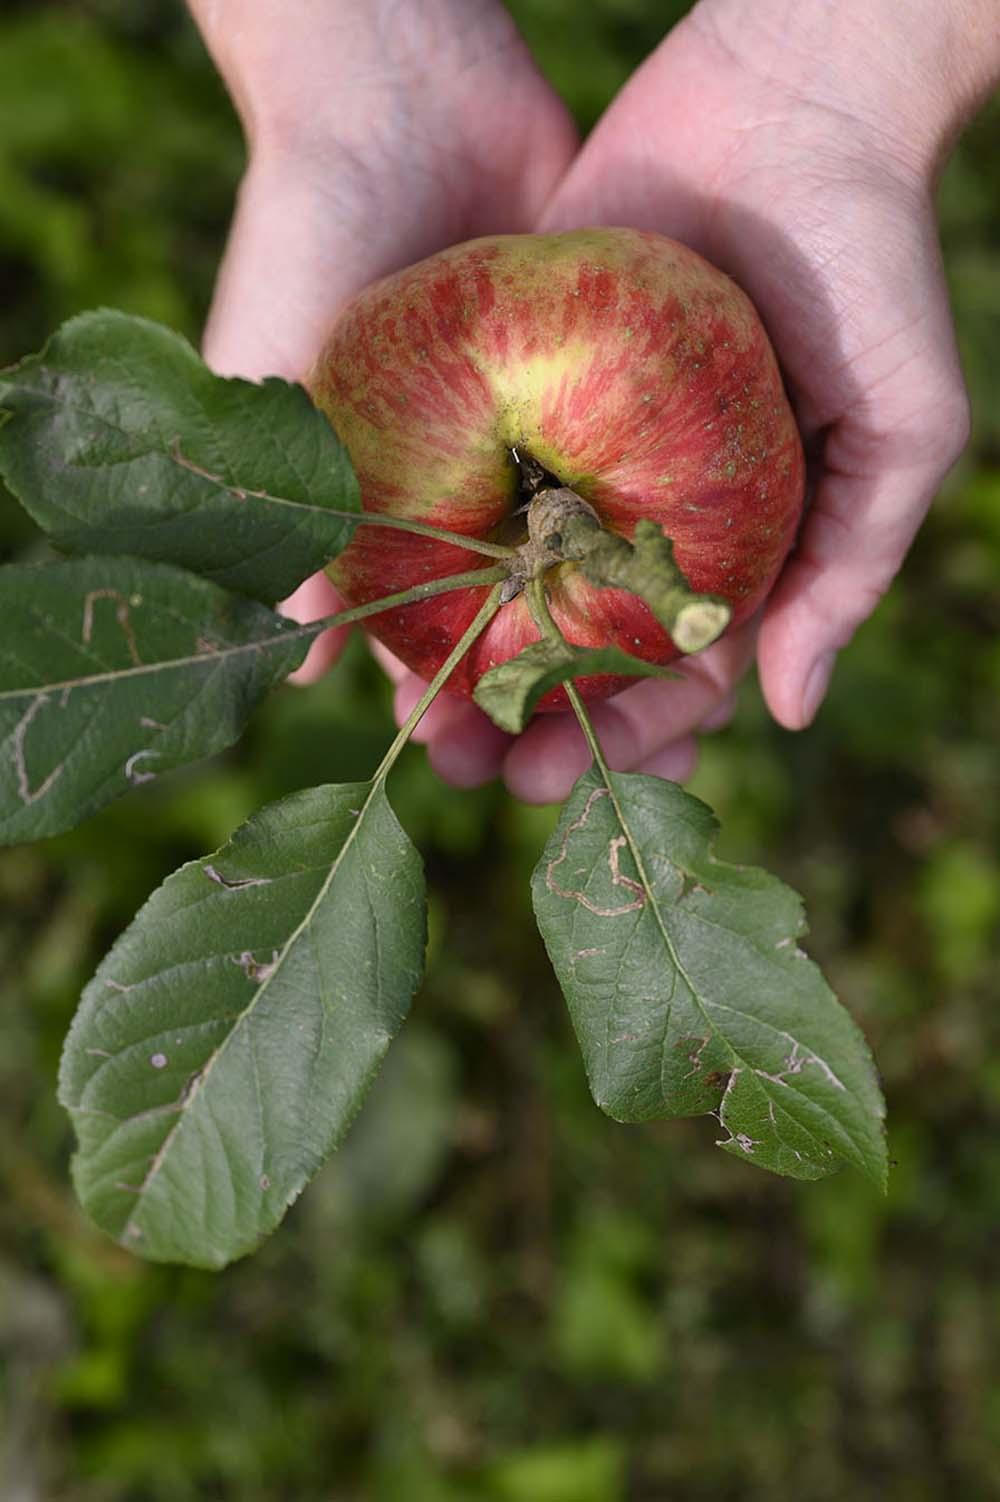 Ein frischer Apfel in der Hand